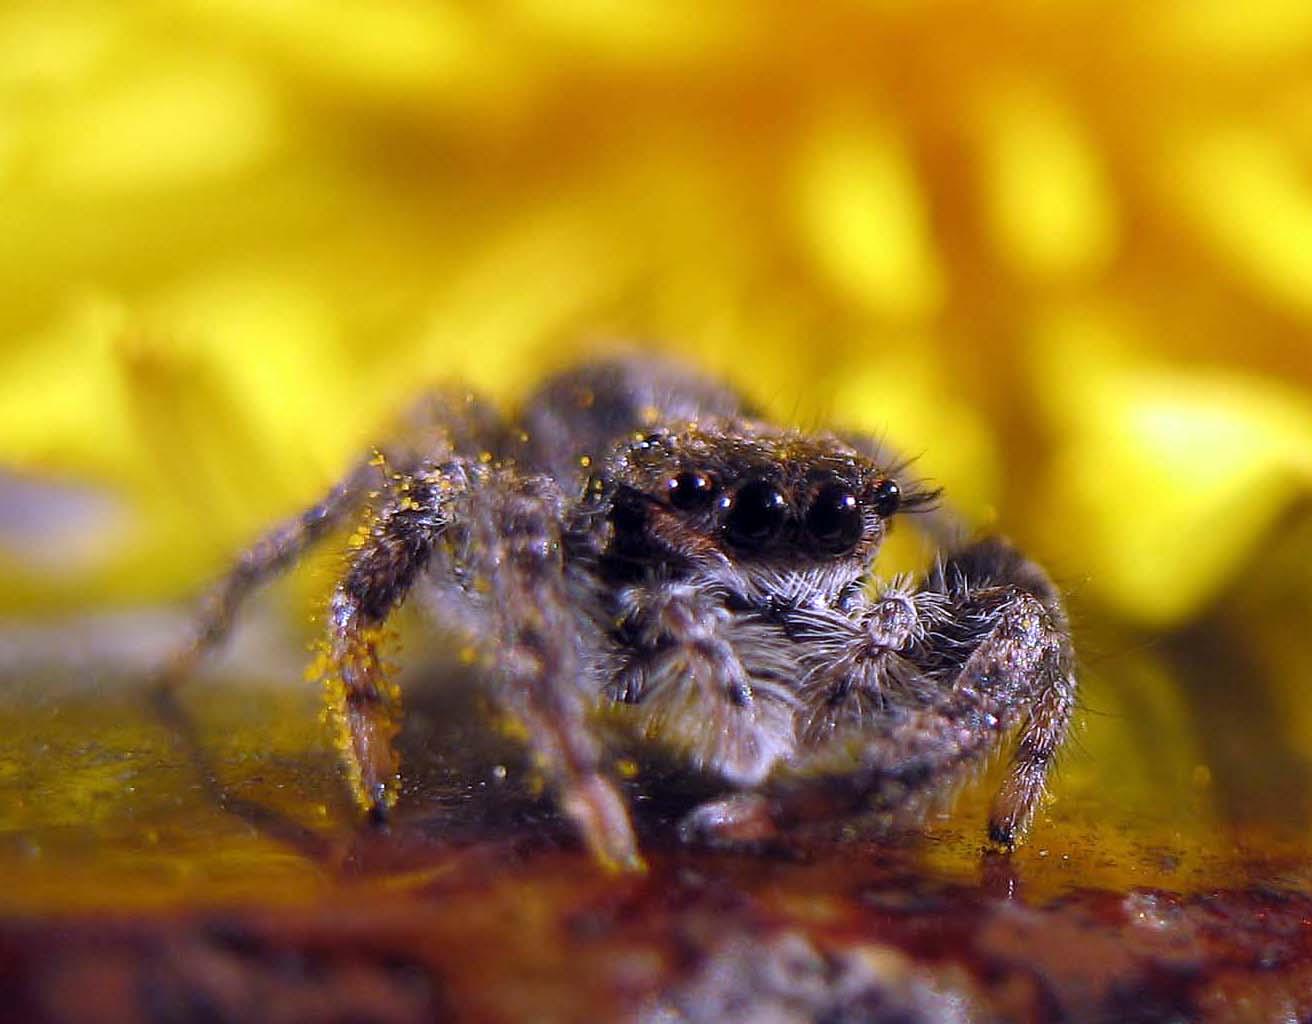 Spiders | Psychology Wiki | FANDOM powered by Wikia